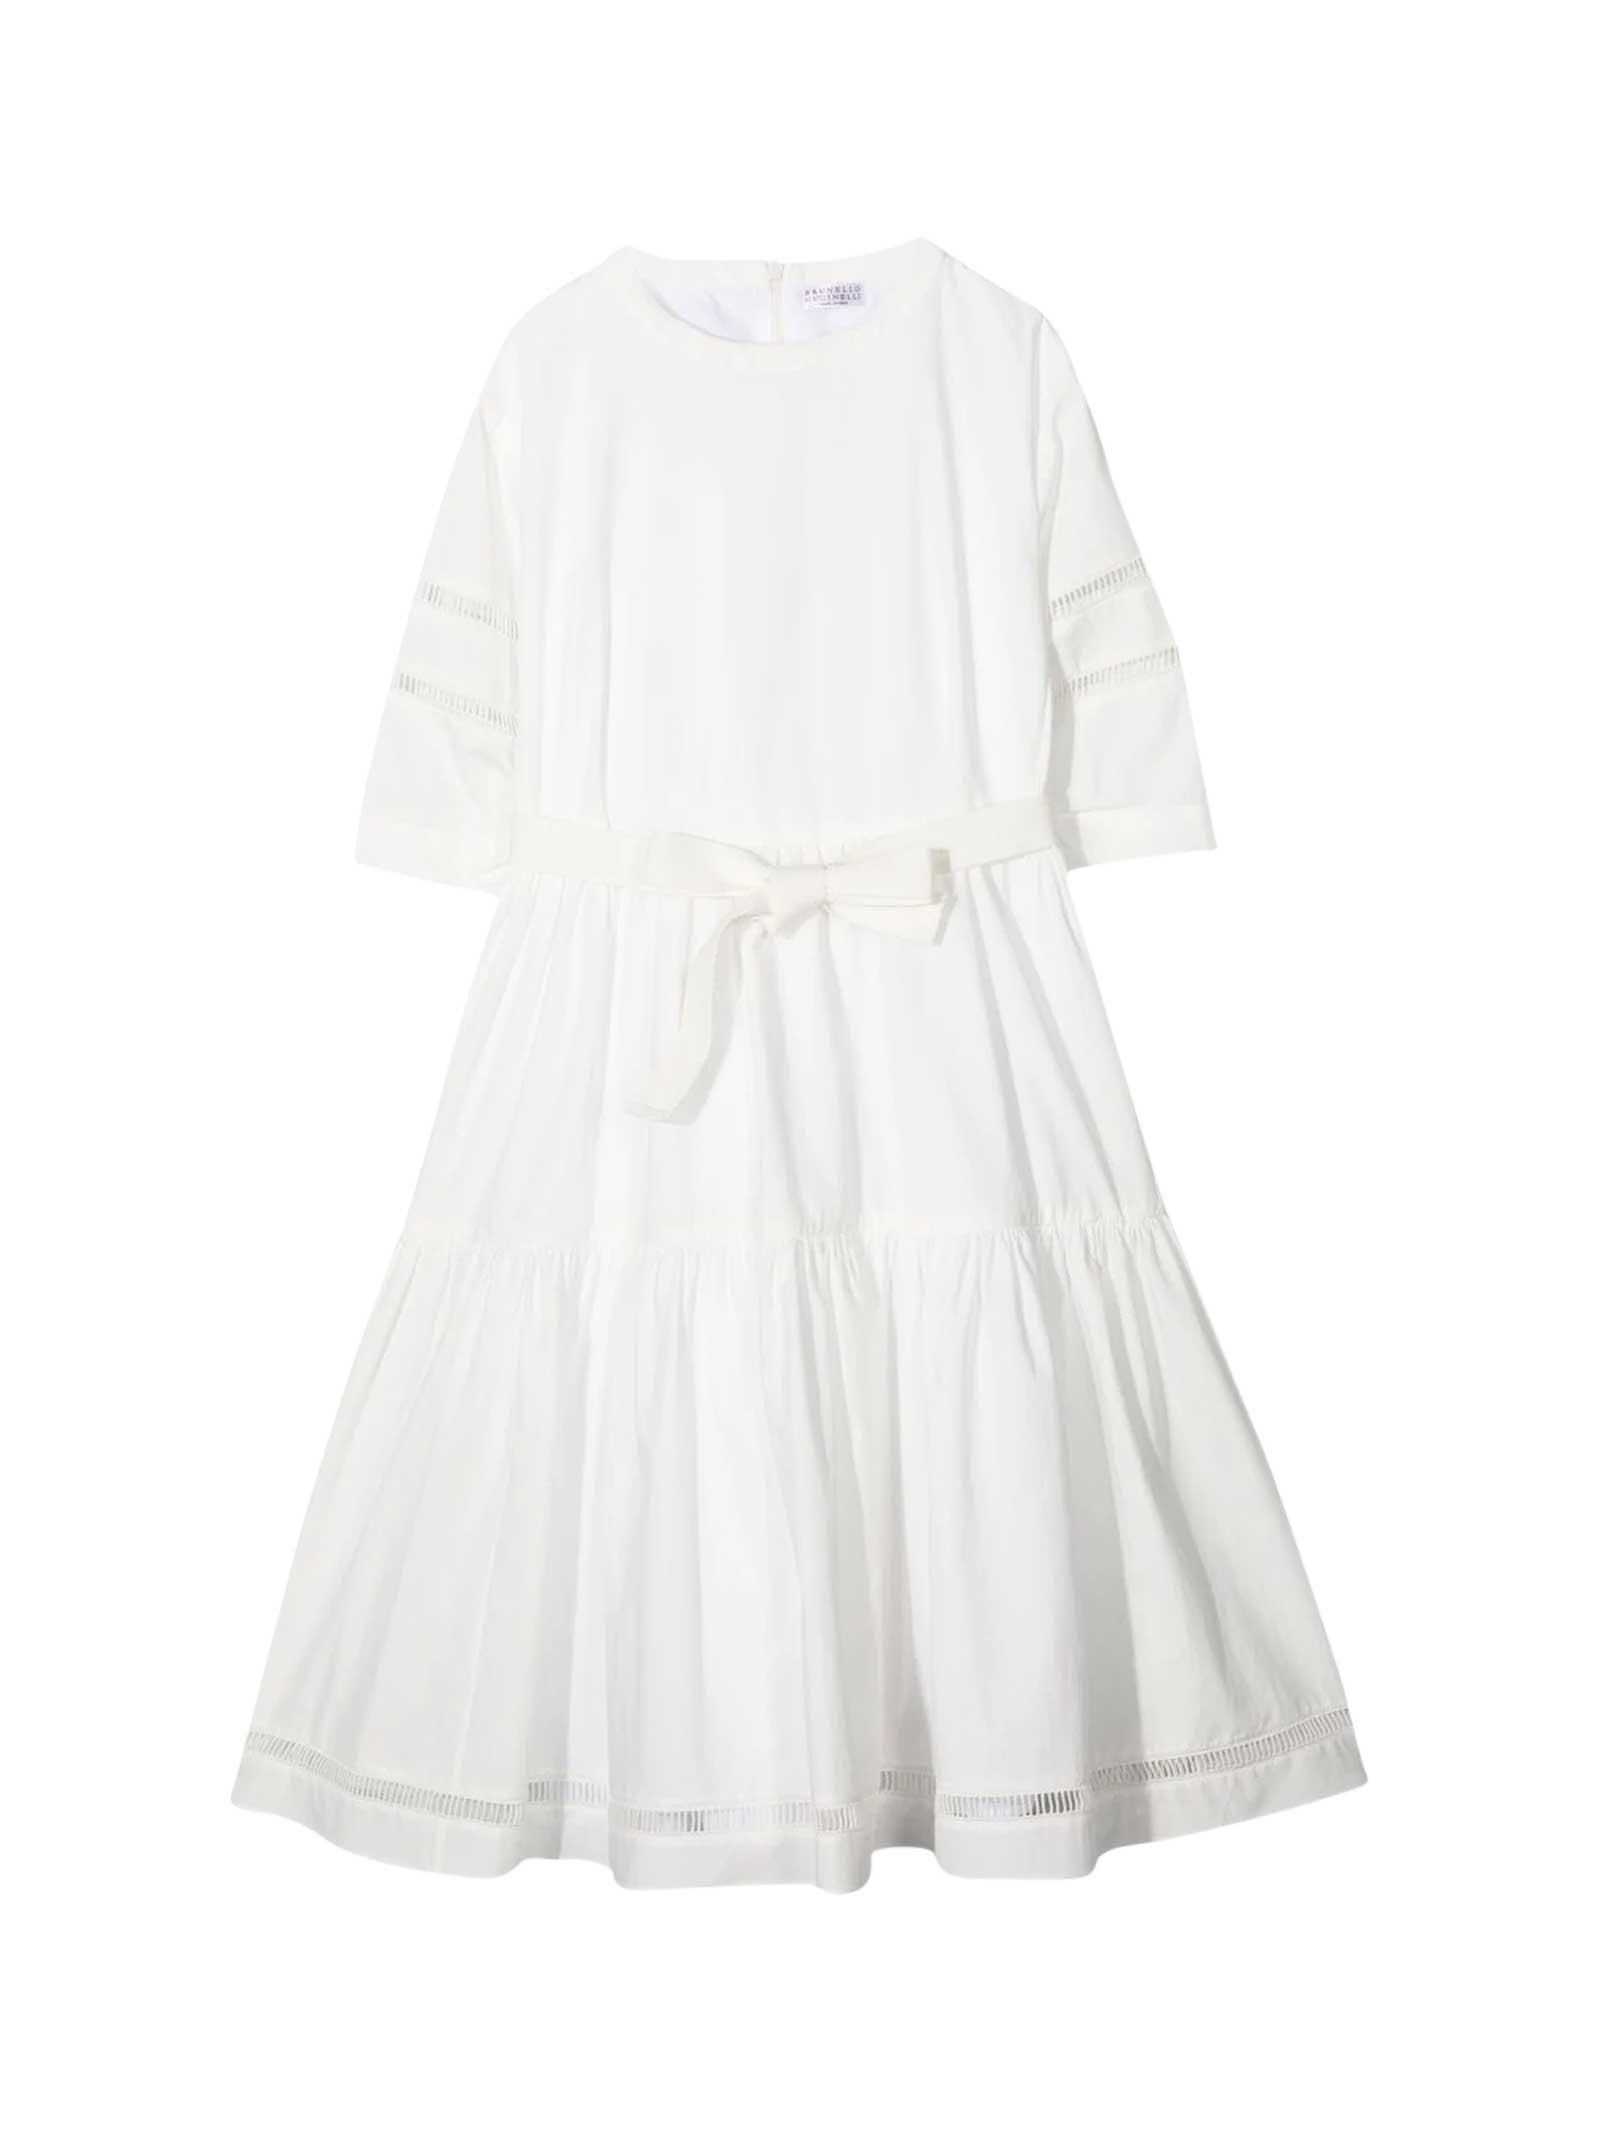 Brunello Cucinelli Brunello Teen Cucinelli Kids White Dress